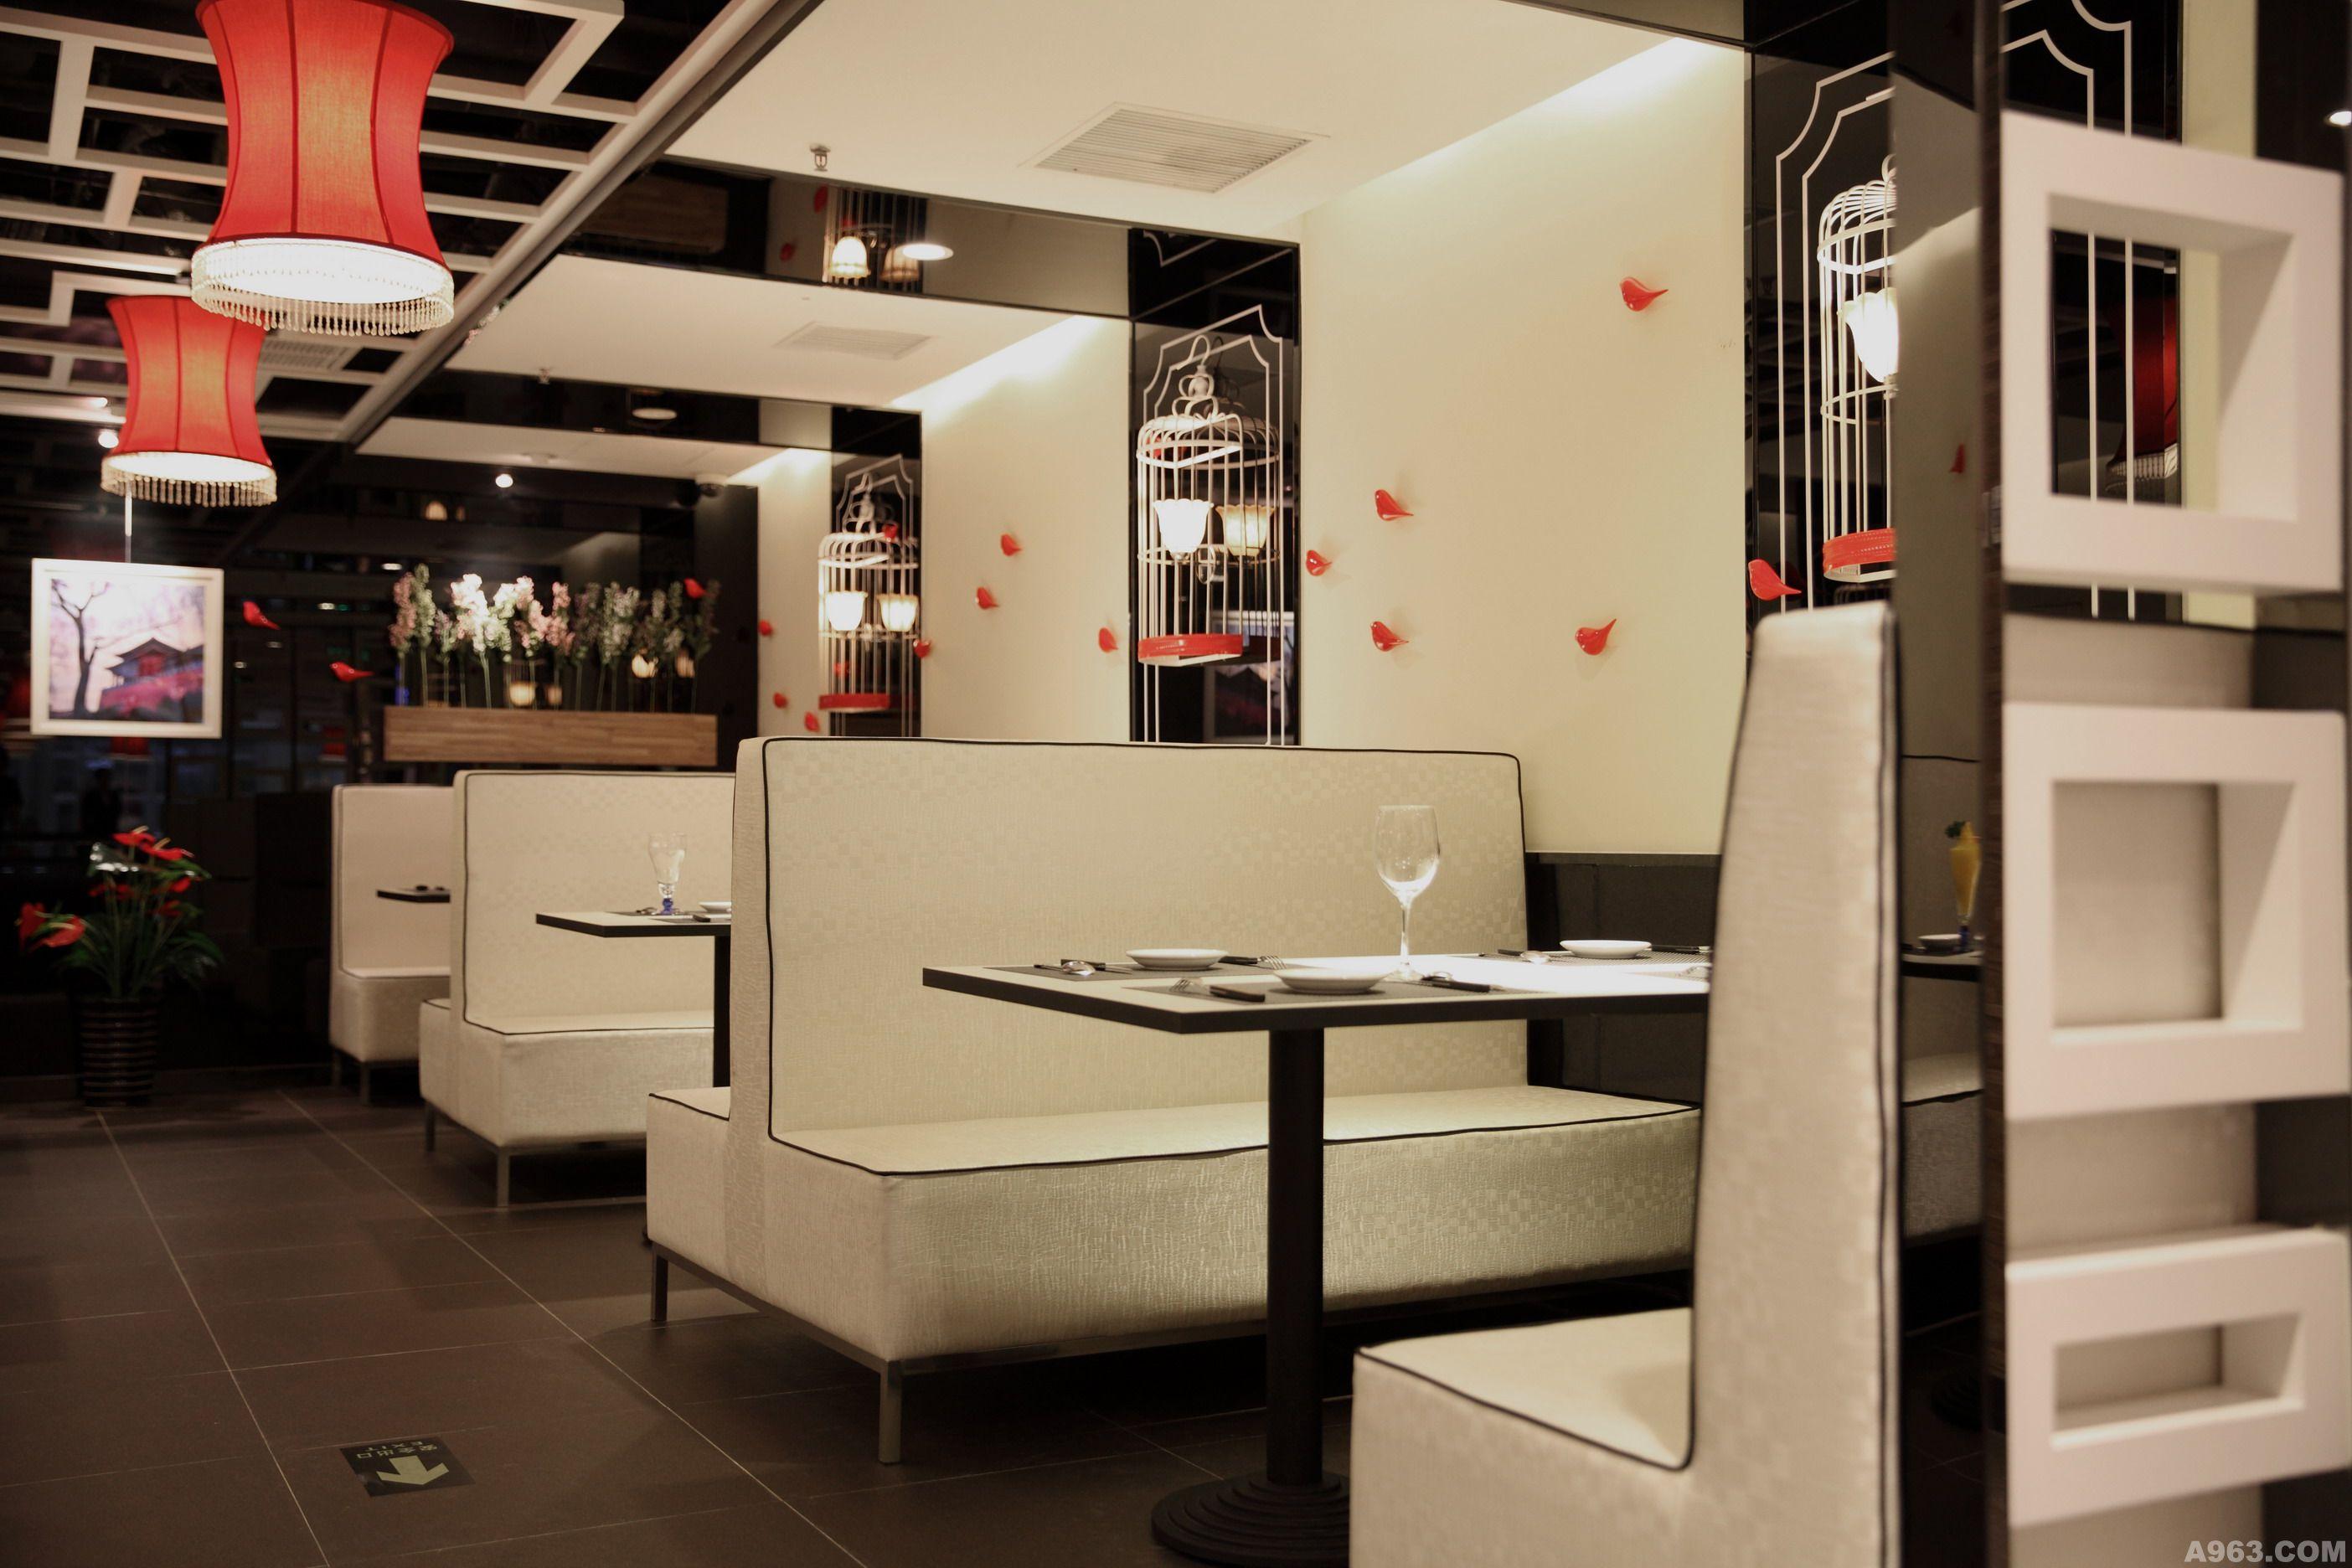 北京-华轩一品复合式餐厅图片